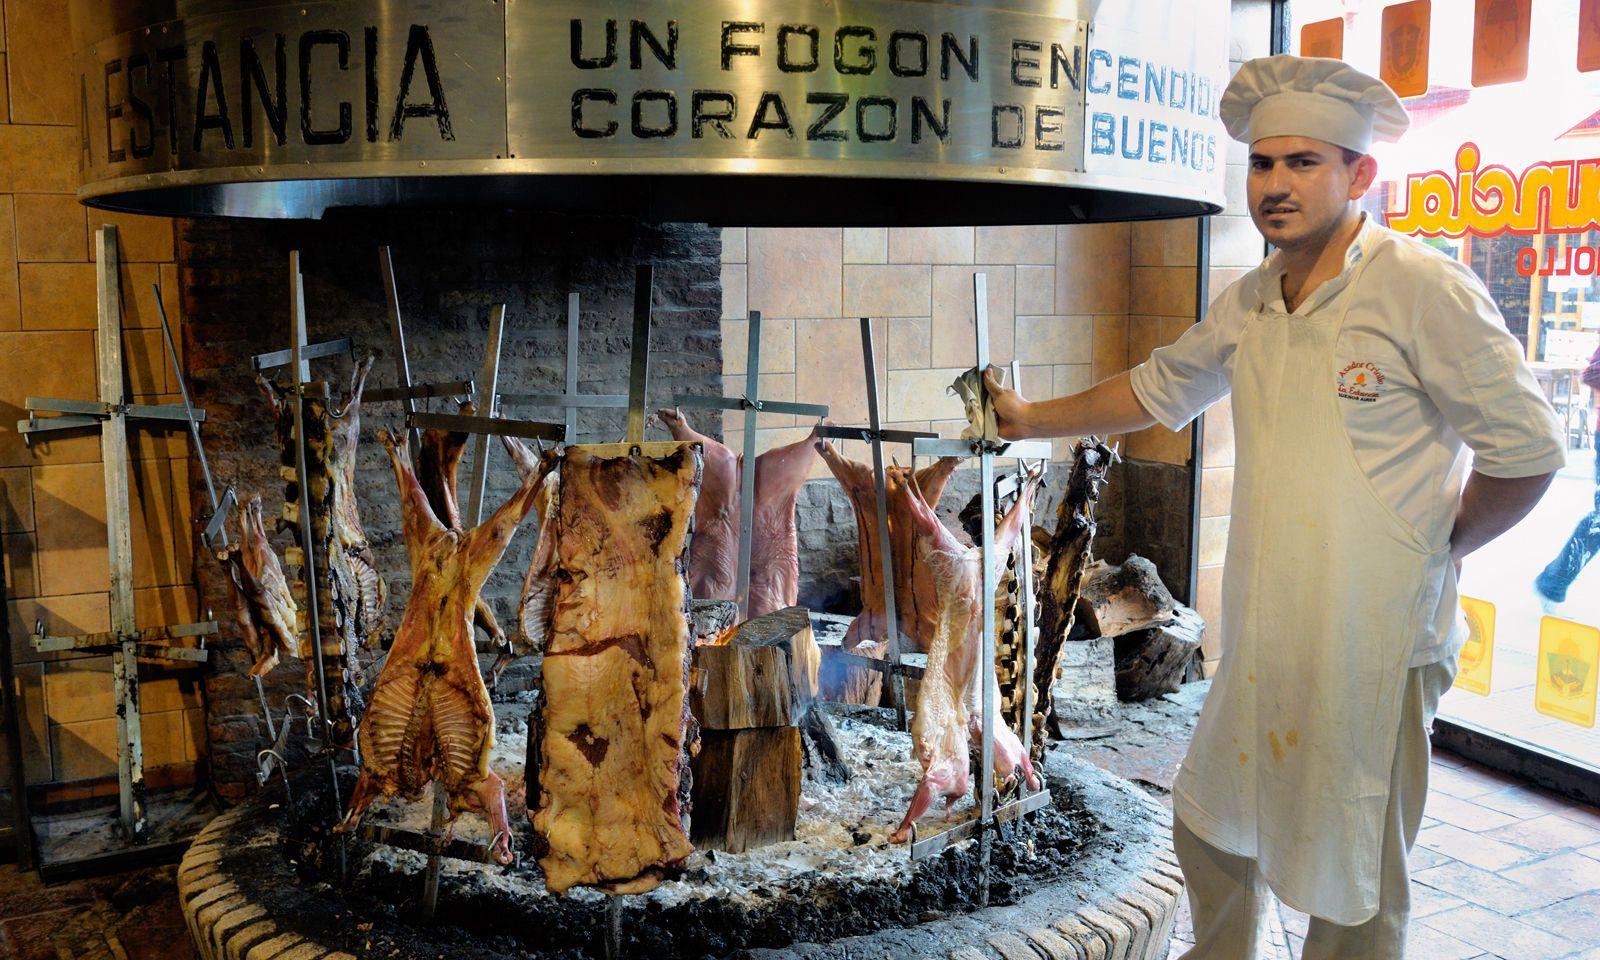 Gegrilltes alias Asado ist das Rückgrat der argentinischen Küche.